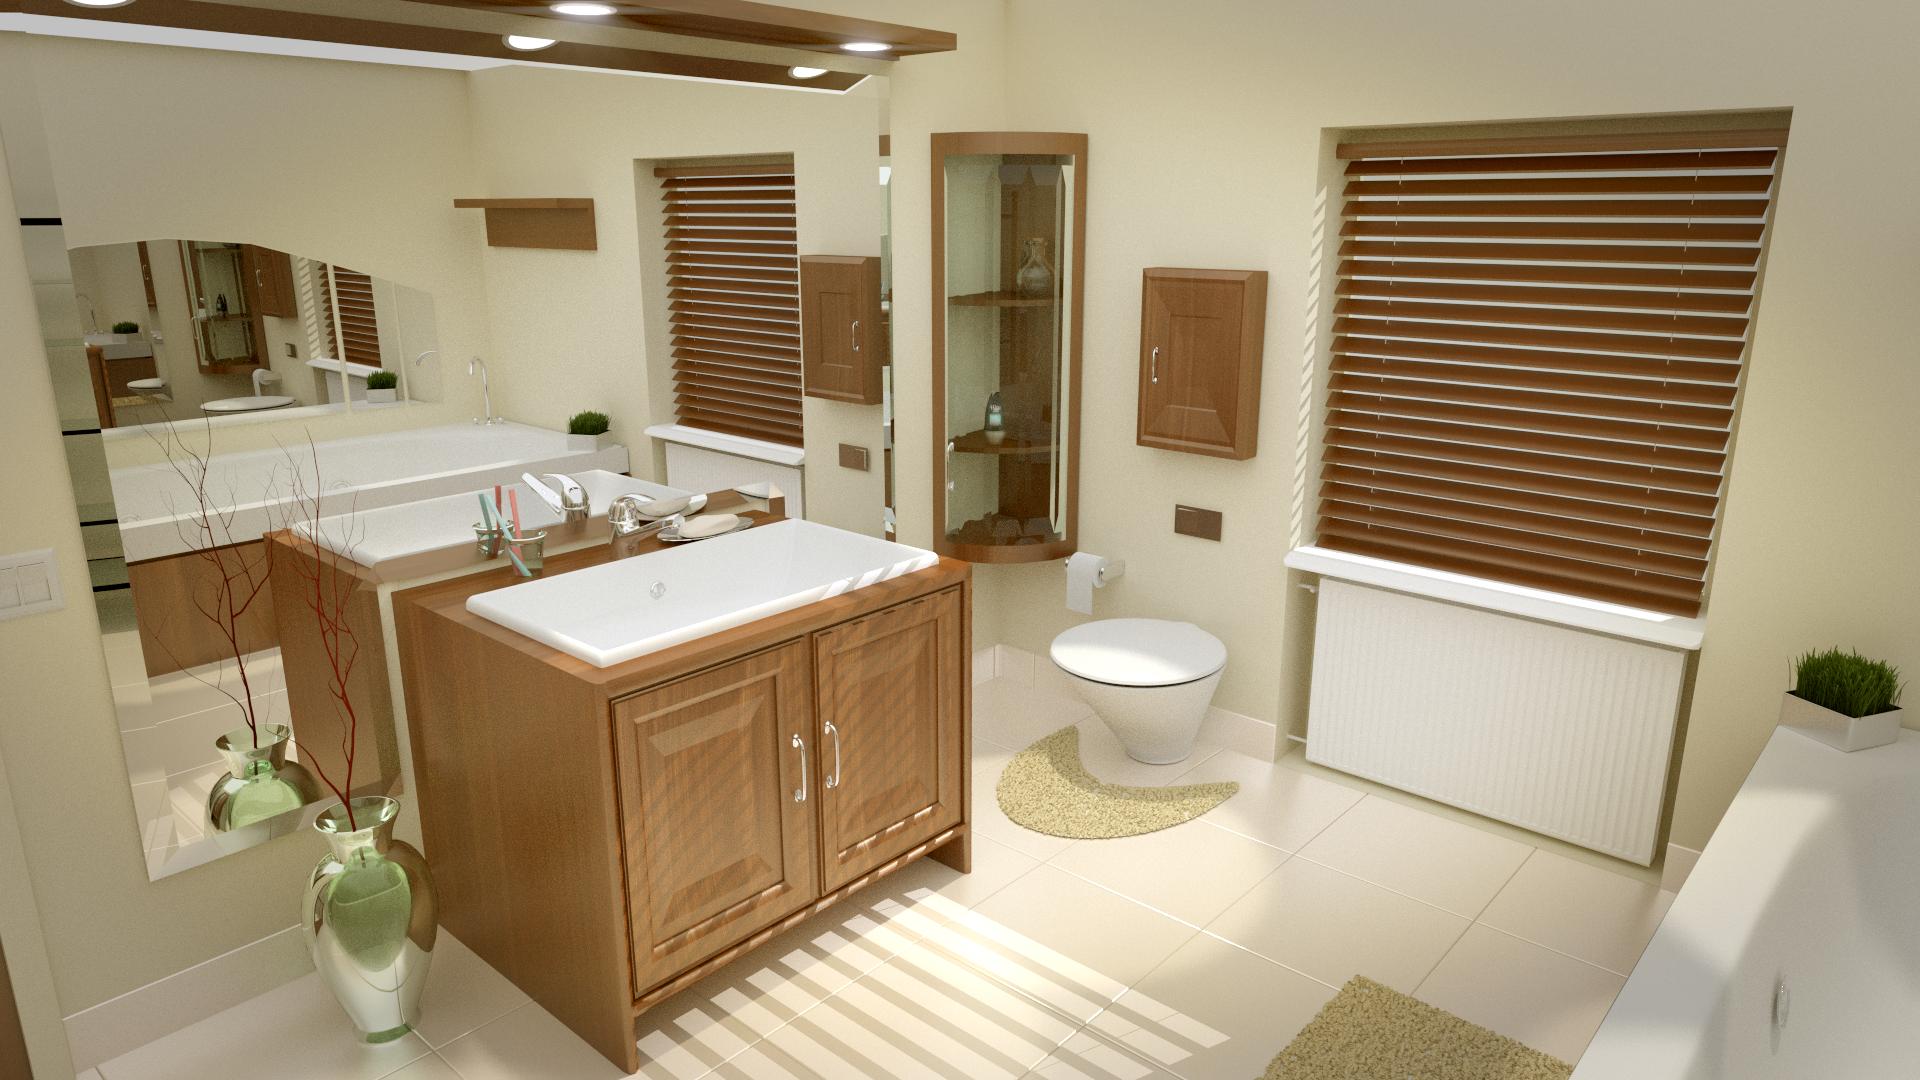 Épinglé par ArnaudBZH sur 3D Architecture Creations | Bathroom ...